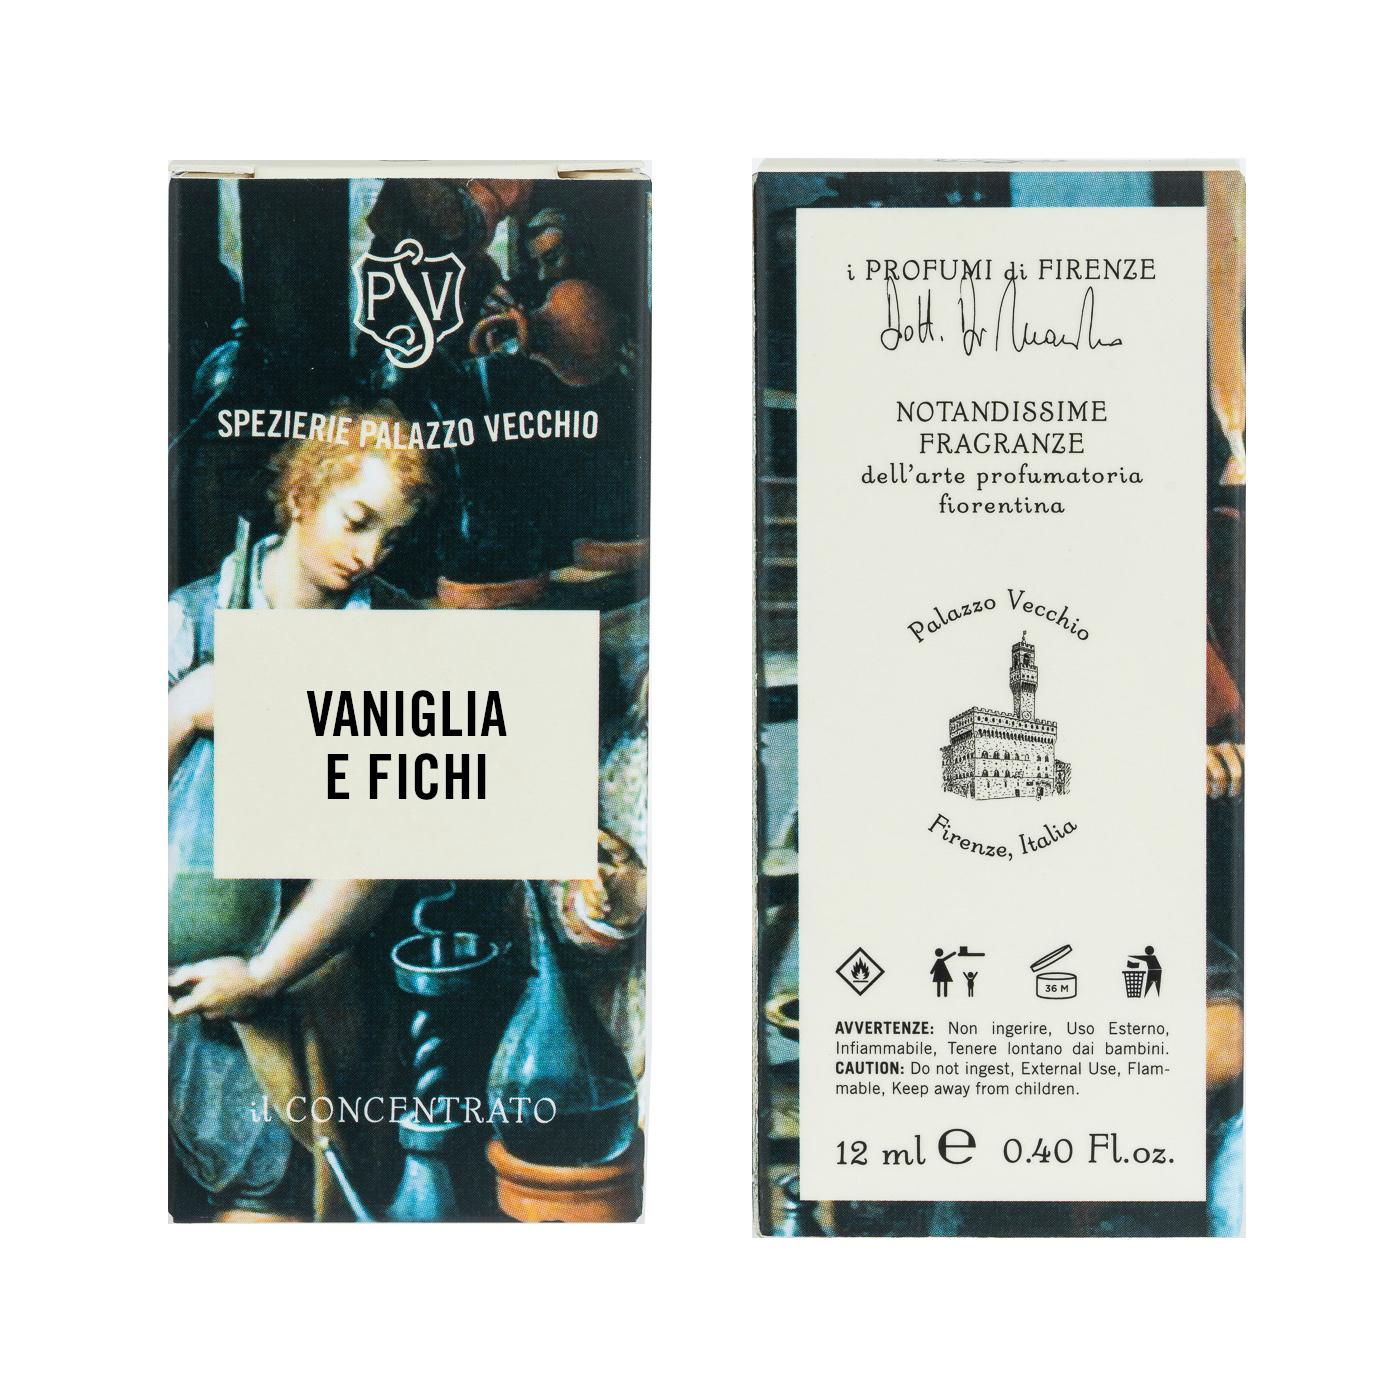 VANIGLIA E FICHI - Il Concentrato-3874